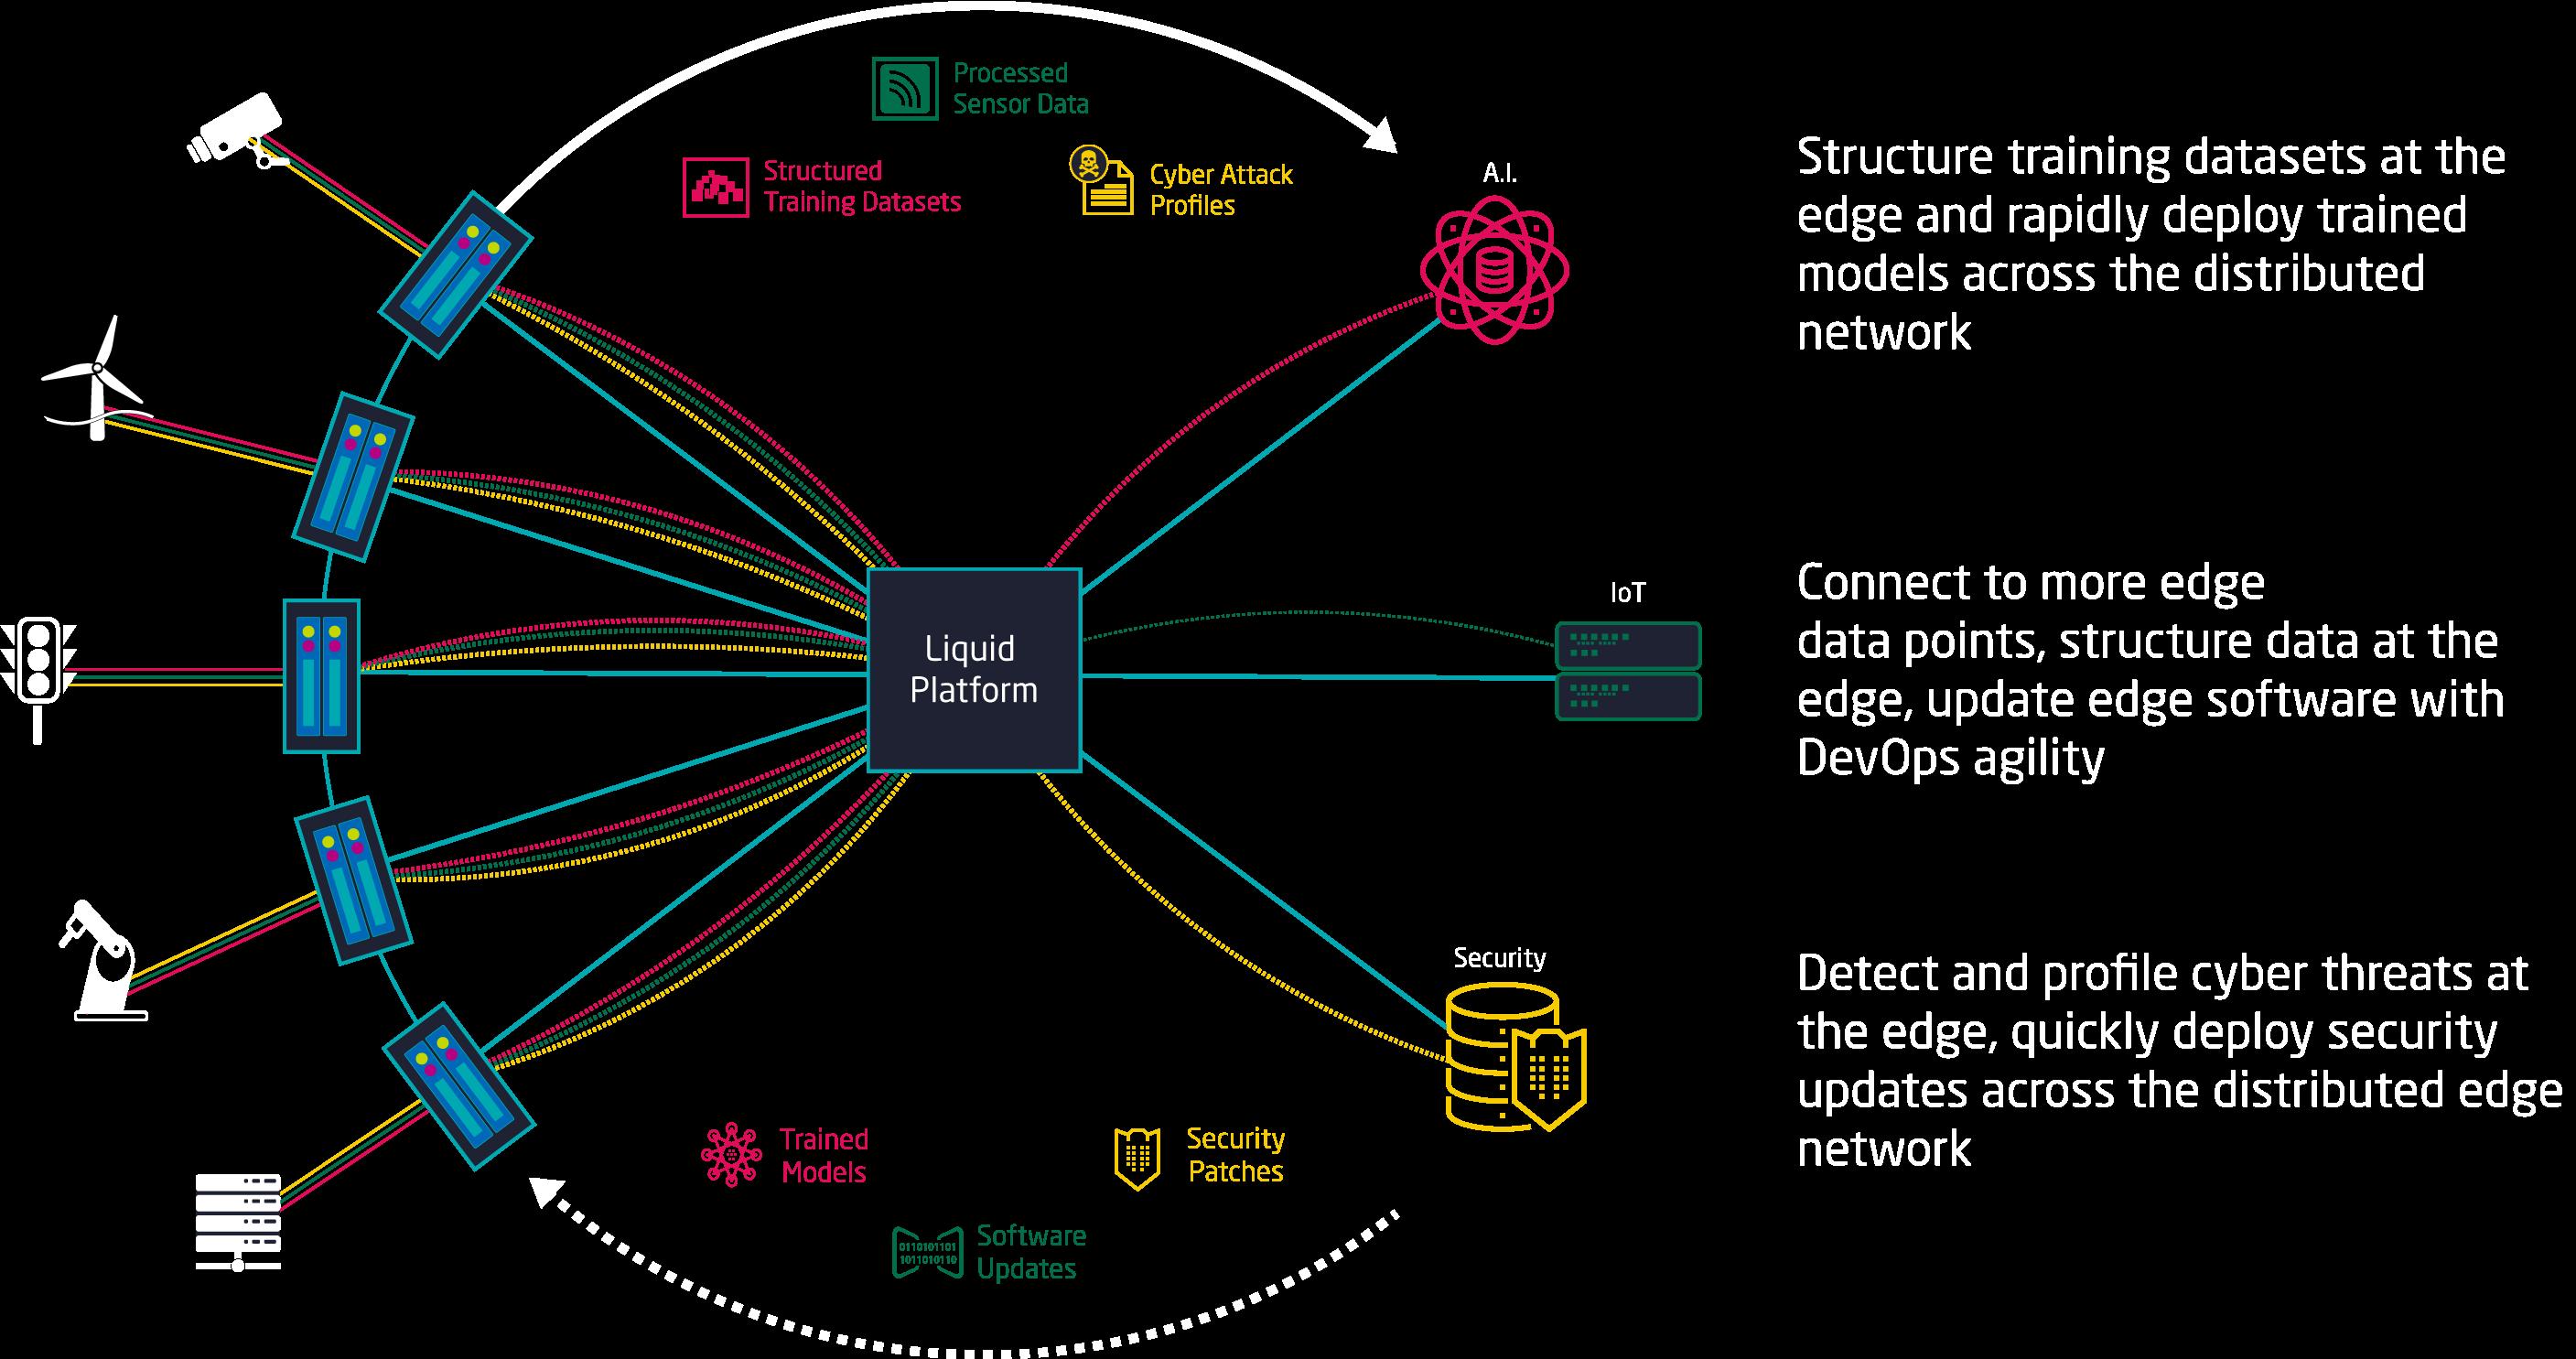 Liquid Platform AI, IoT & Security Use Cases